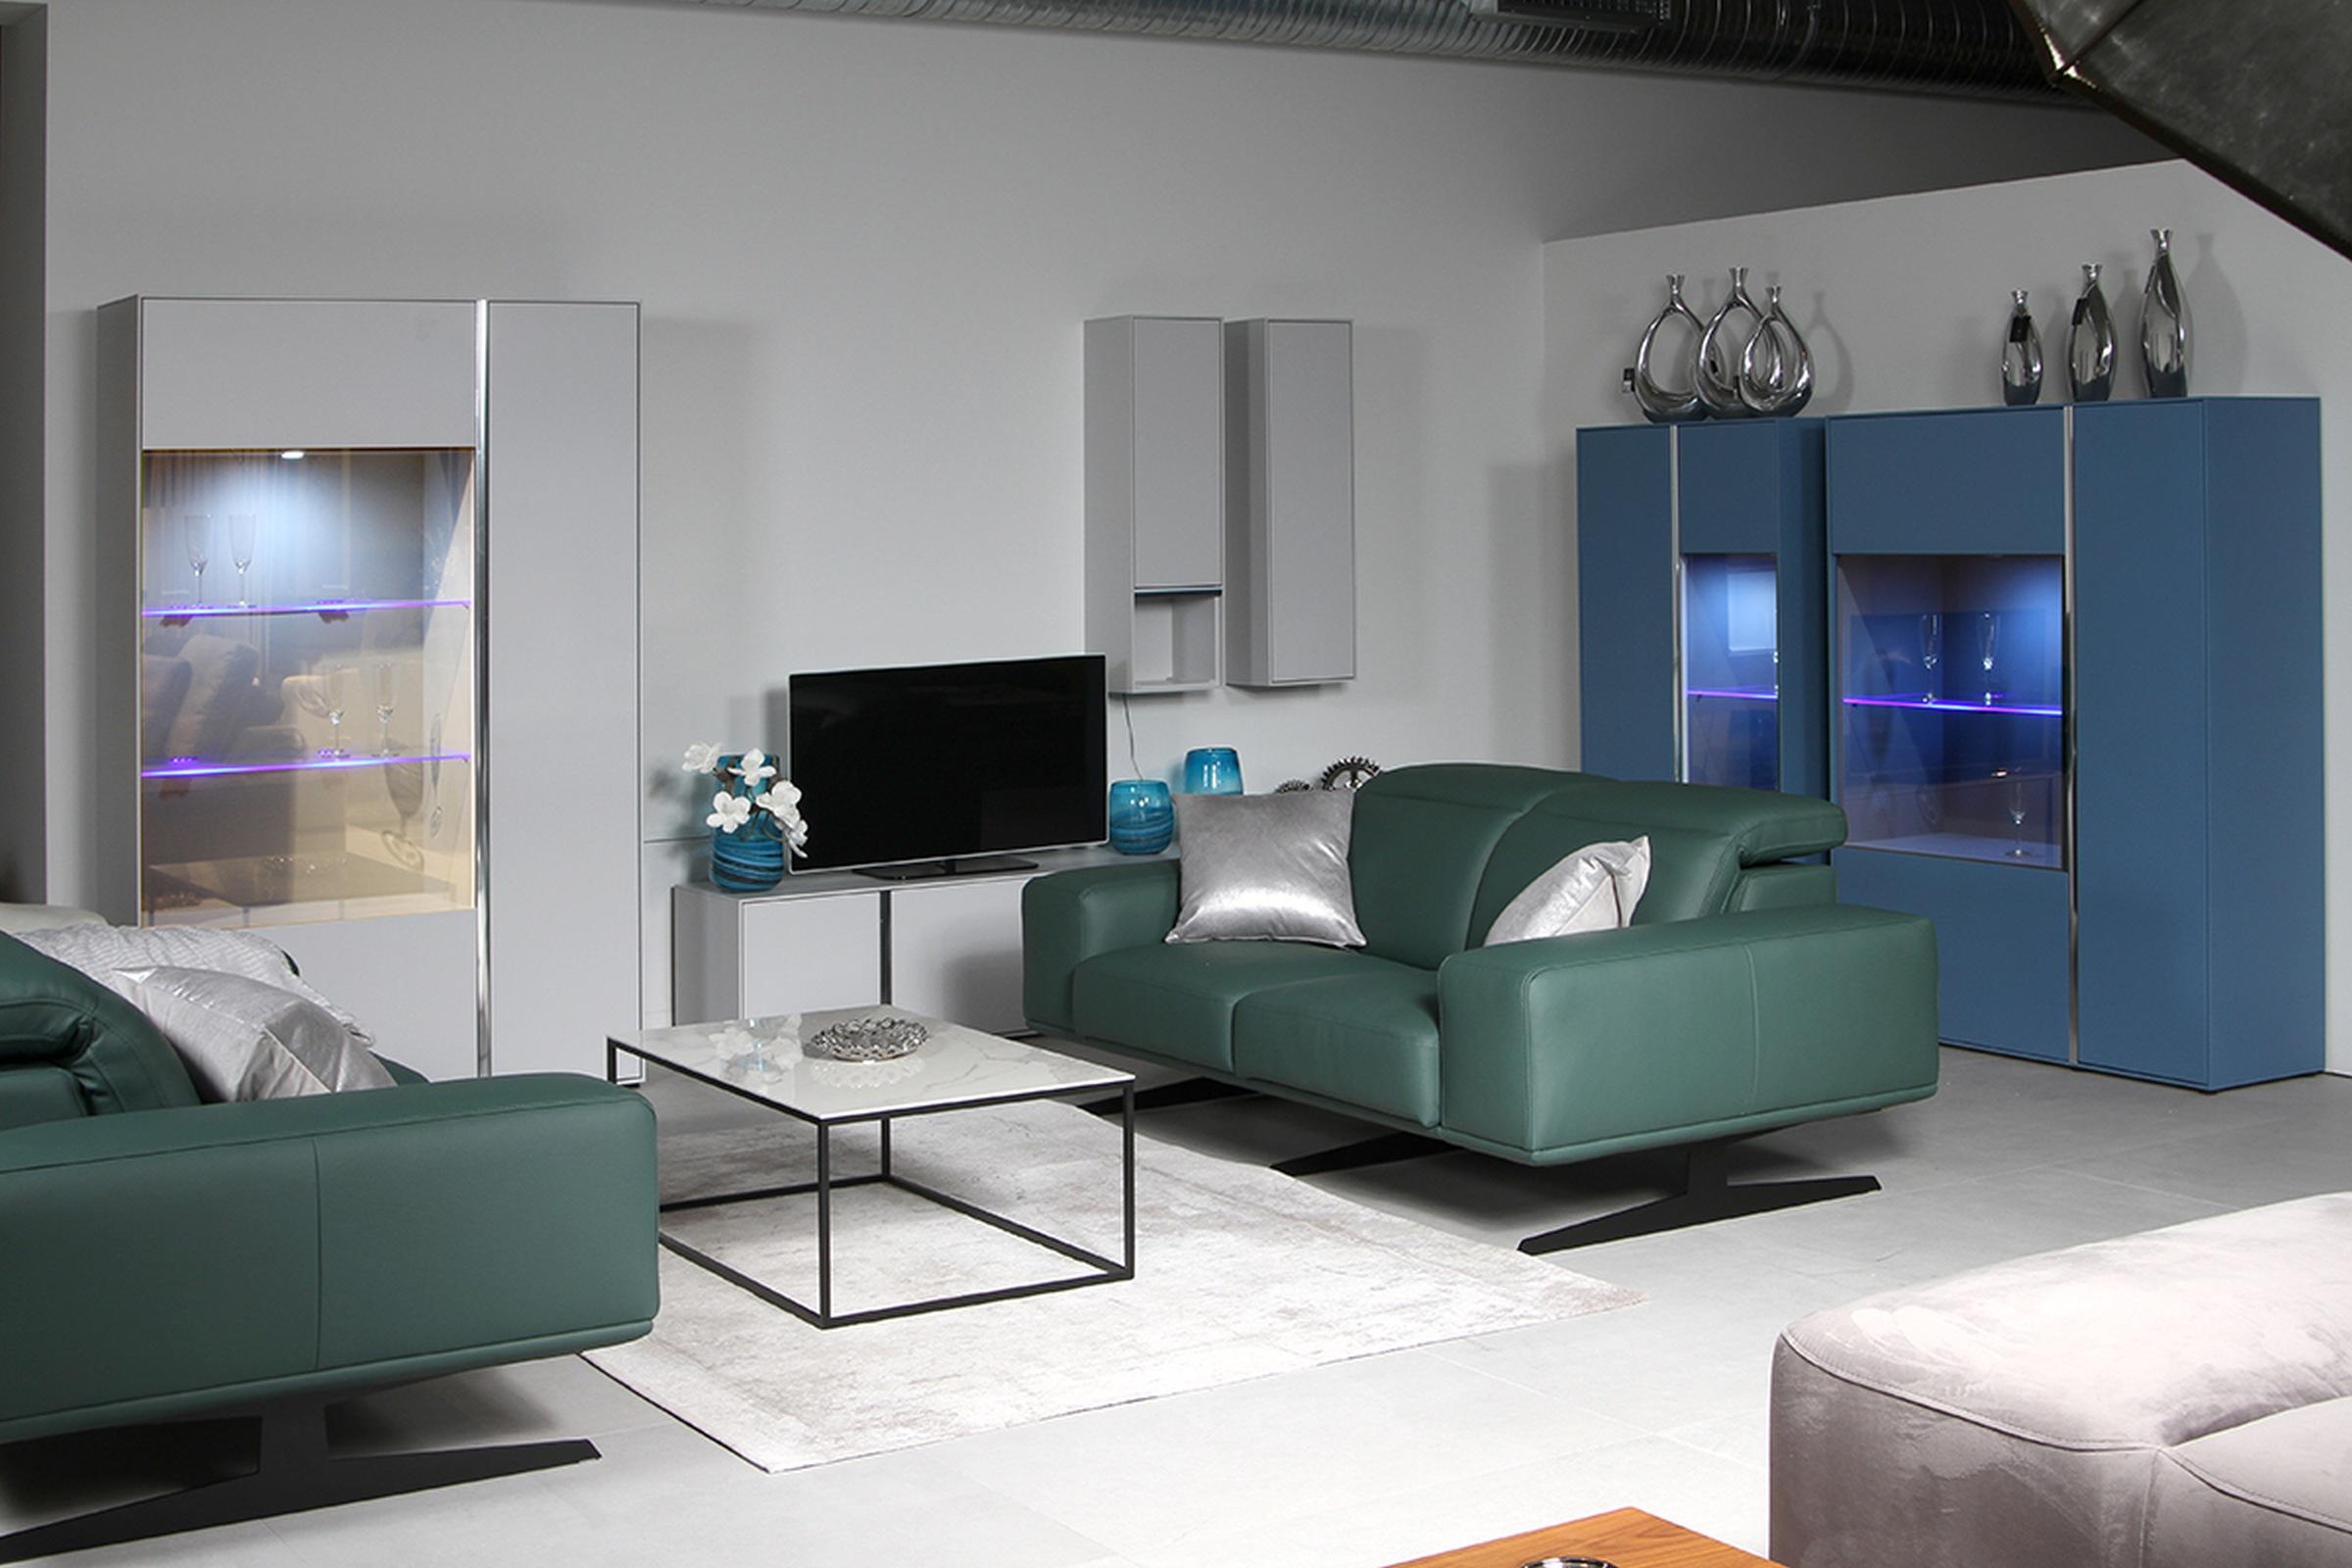 Laguna - pomysł na salon, przykładowa aranżacja salonu z meblami lakierowanymi, szara i niebieska meblościanka lakierowana matowa z przeszkleniem i oświetleniem